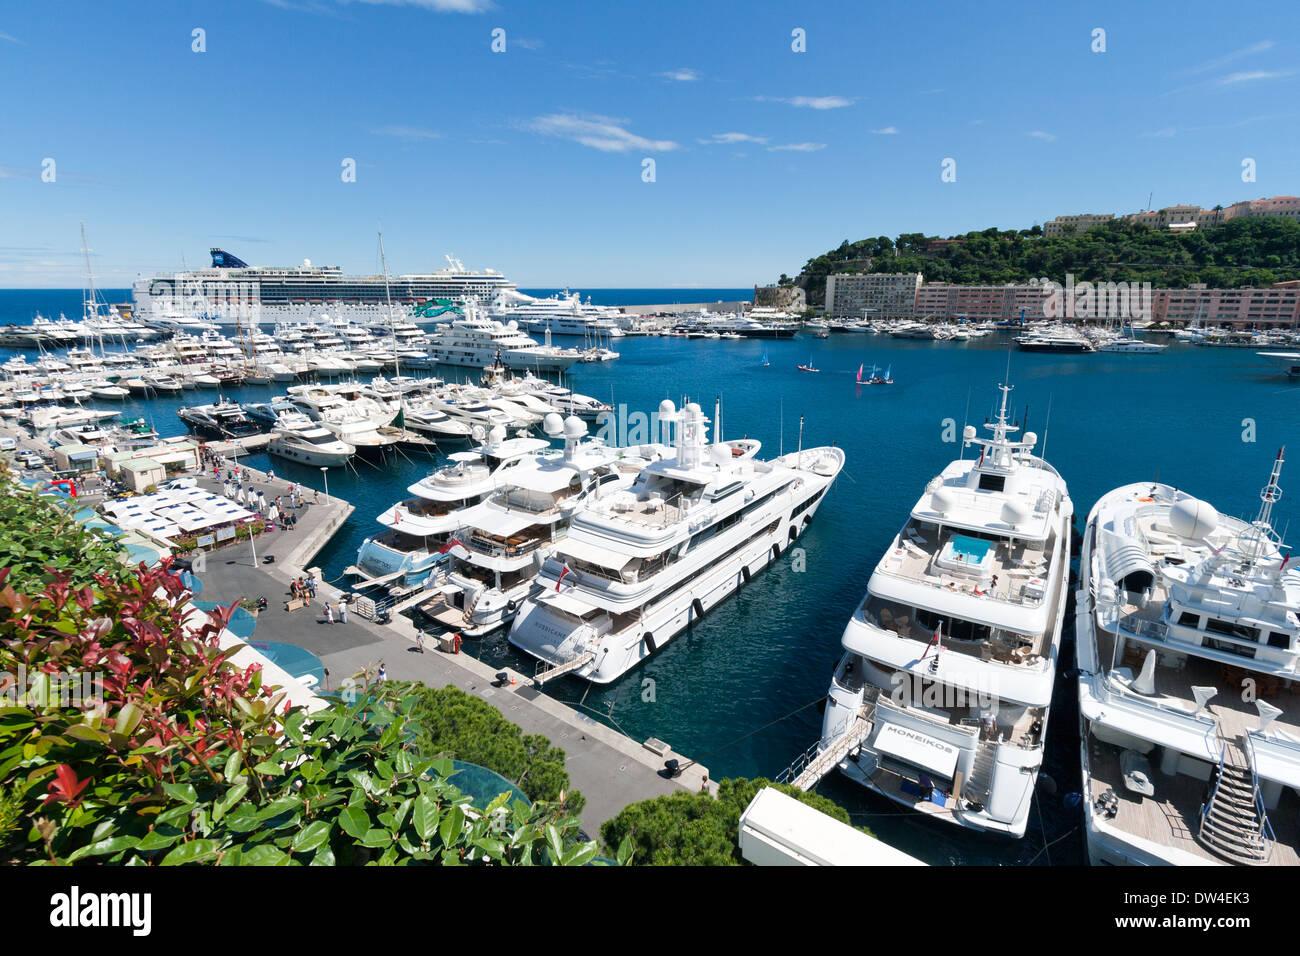 Marina in Monte Carlo, Monaco - Stock Image